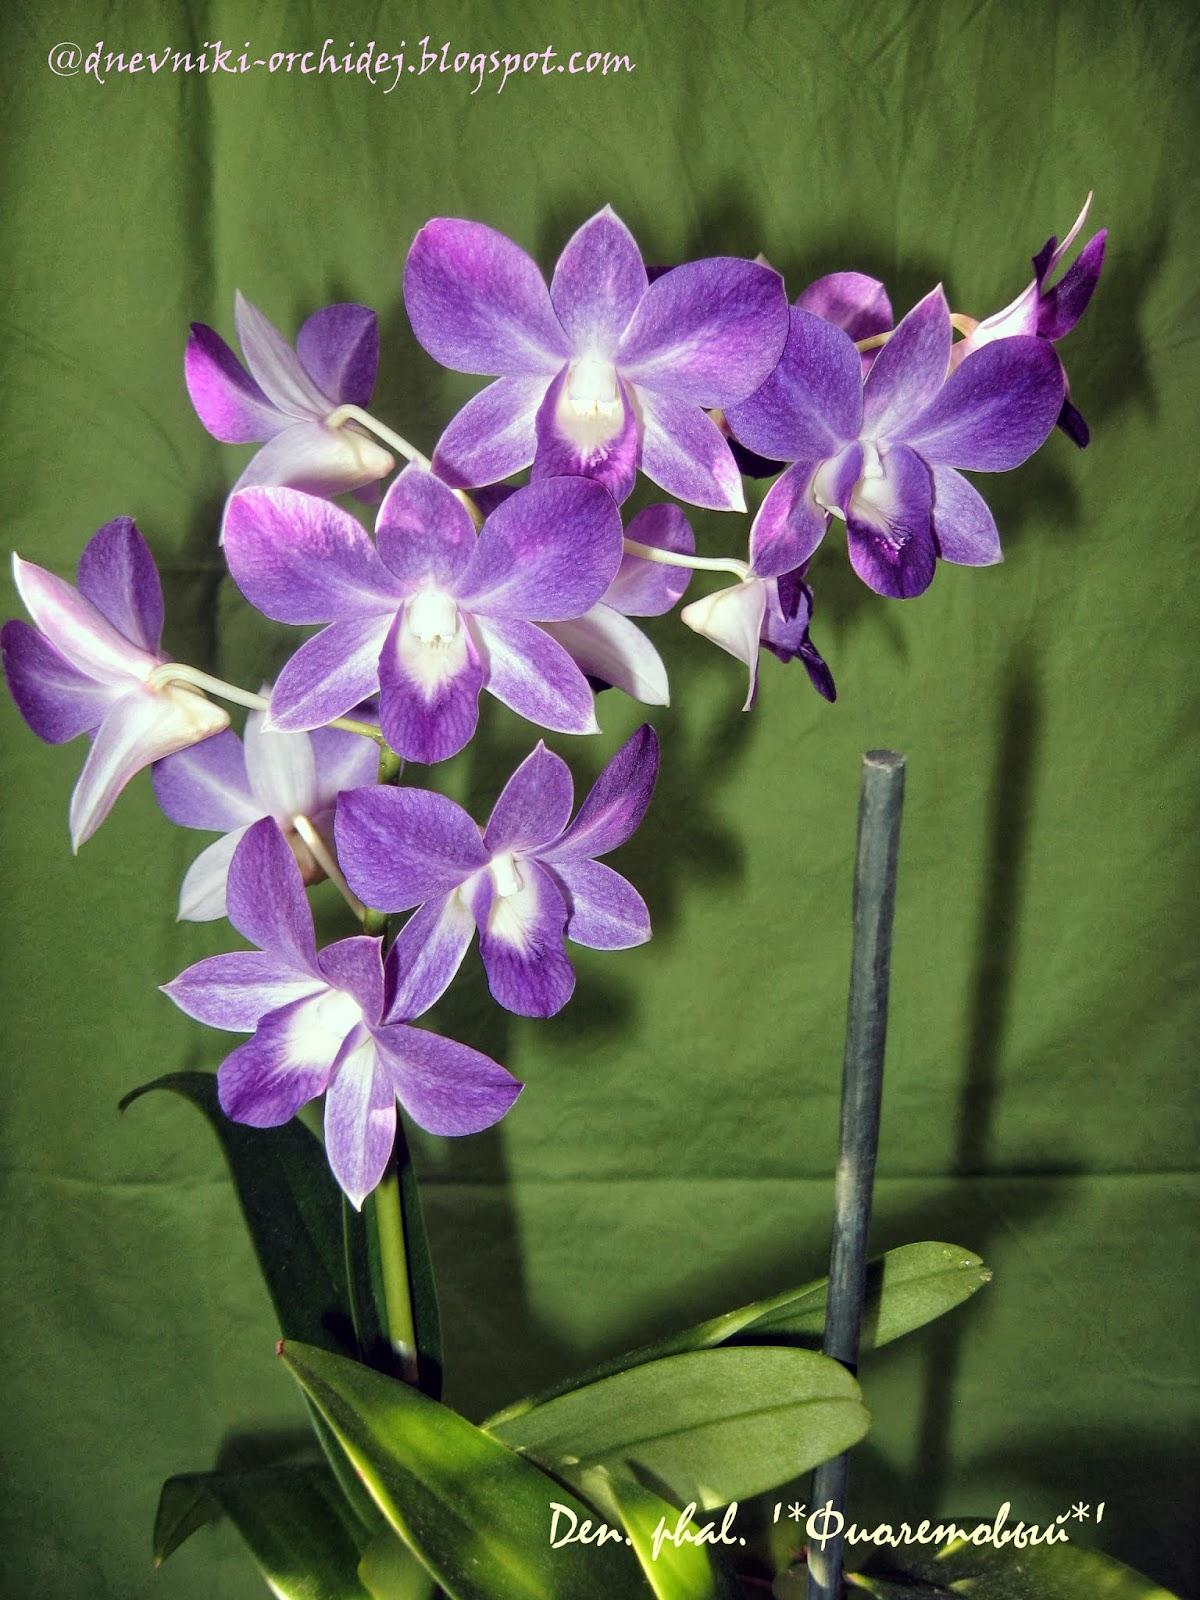 Как цветет дендробиум фаленопсис Фиолетовый